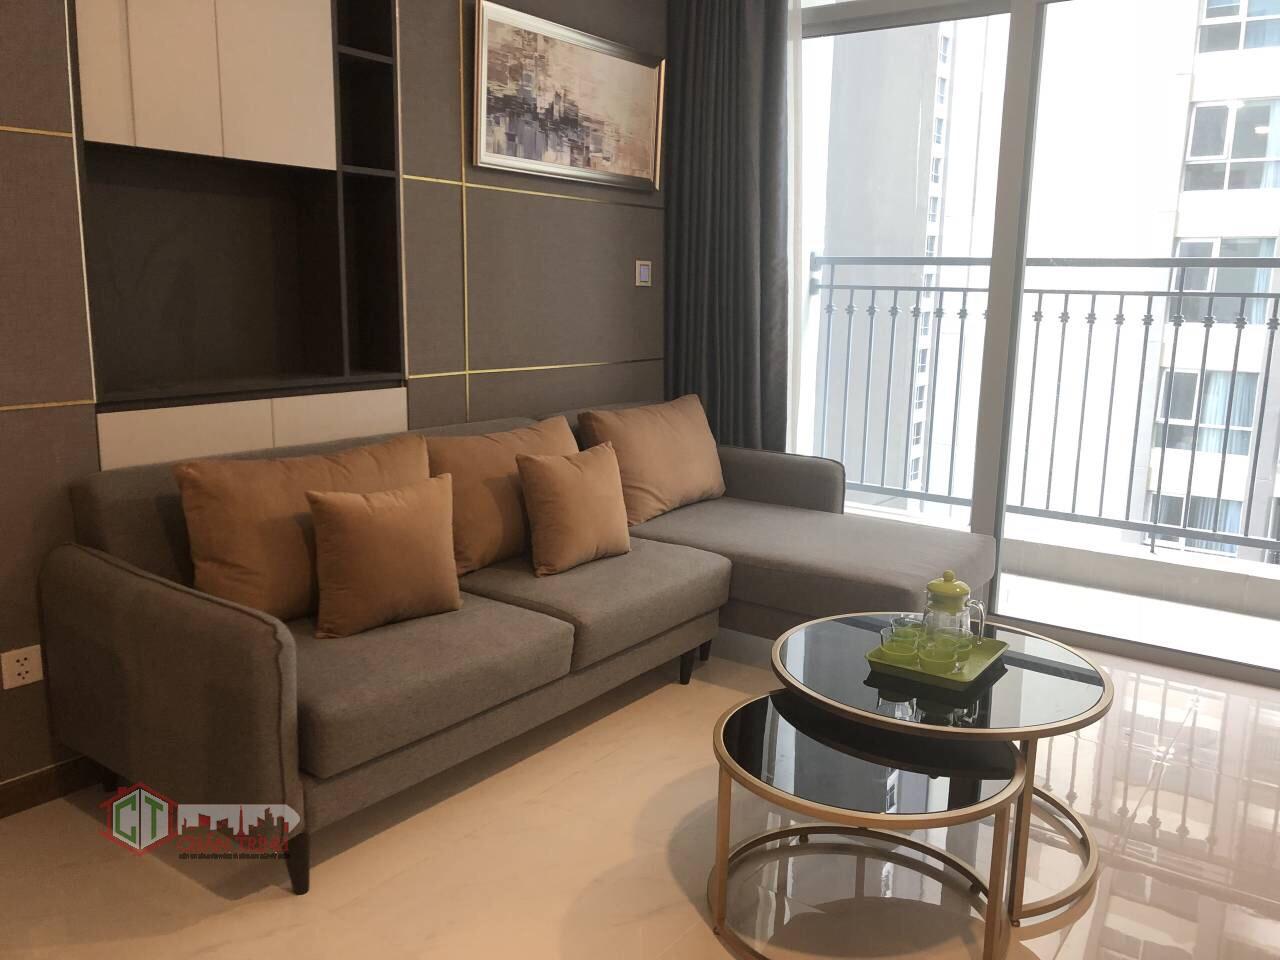 Phòng khách căn hộ 2 phòng ngủ L6 - Vinhomes Central Park